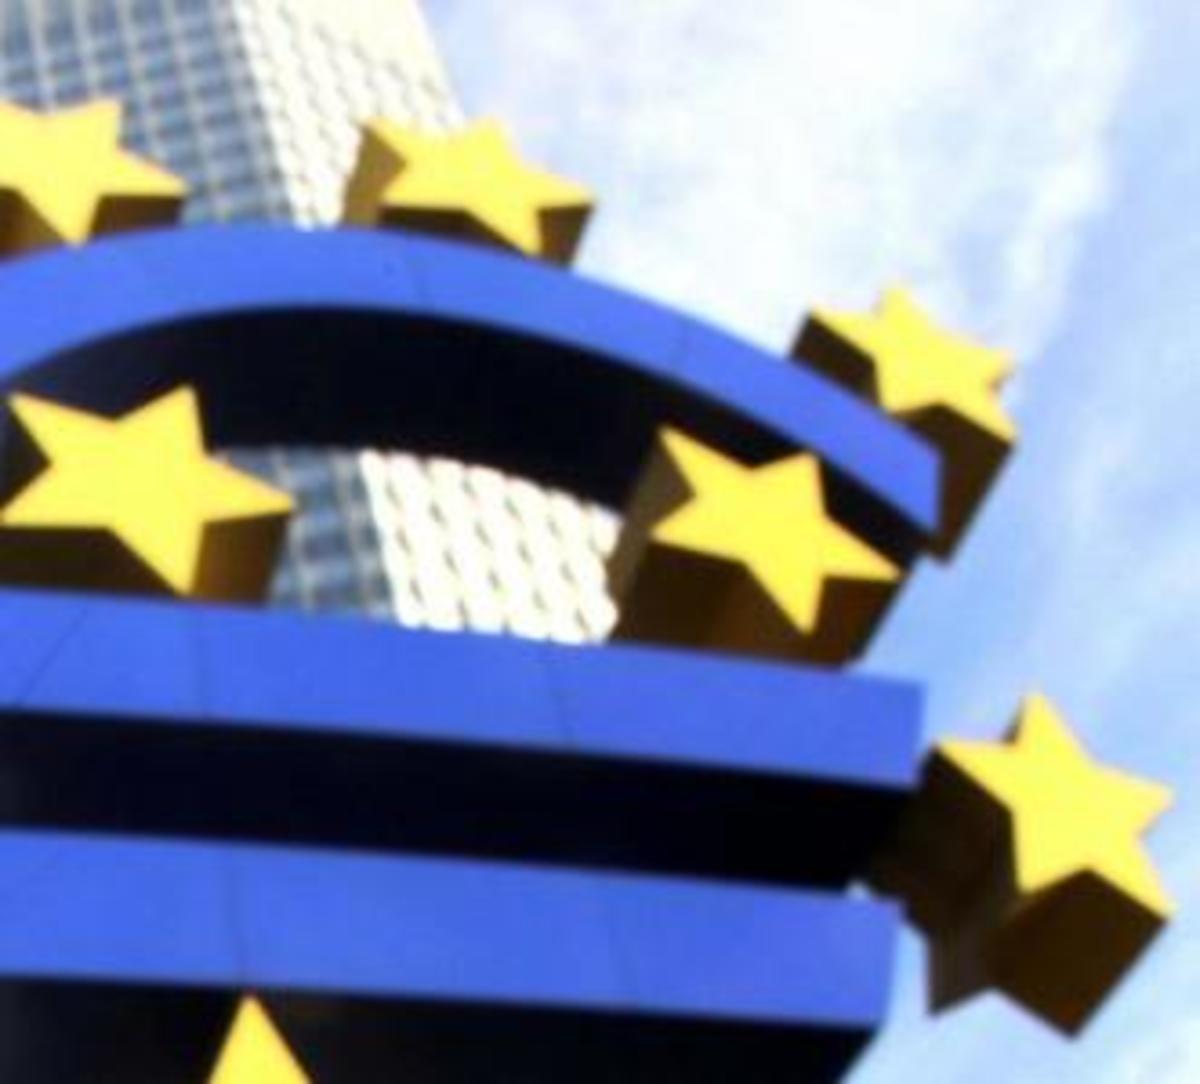 Ο Ντράγκι «άνοιξε» το πάρτι στις διεθνείς αγορές – Πέφτουν τα επιτόκια δανεισμού όλων των χωρών   Newsit.gr